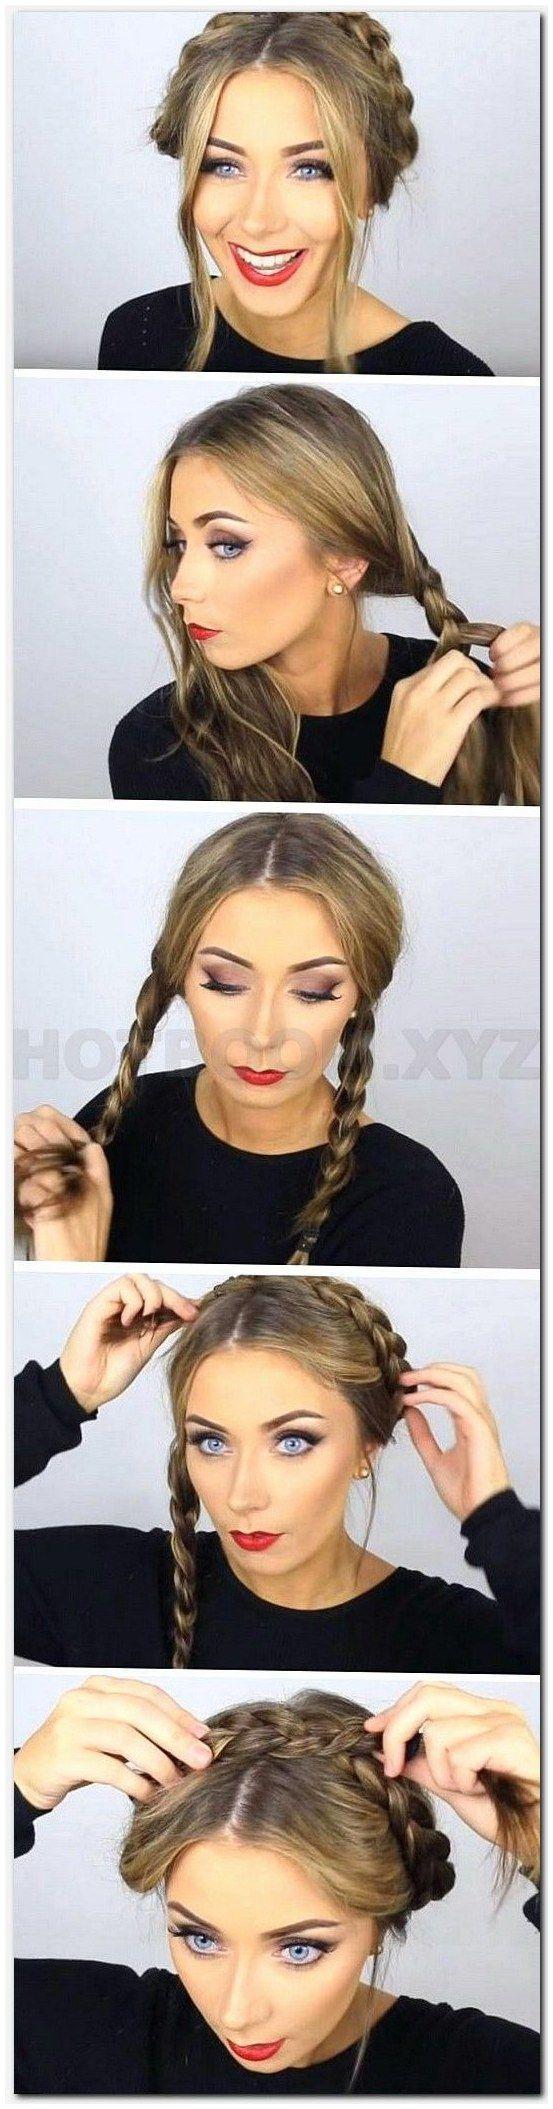 Hair shorthair haircut braids with hair womens latest hairstyles